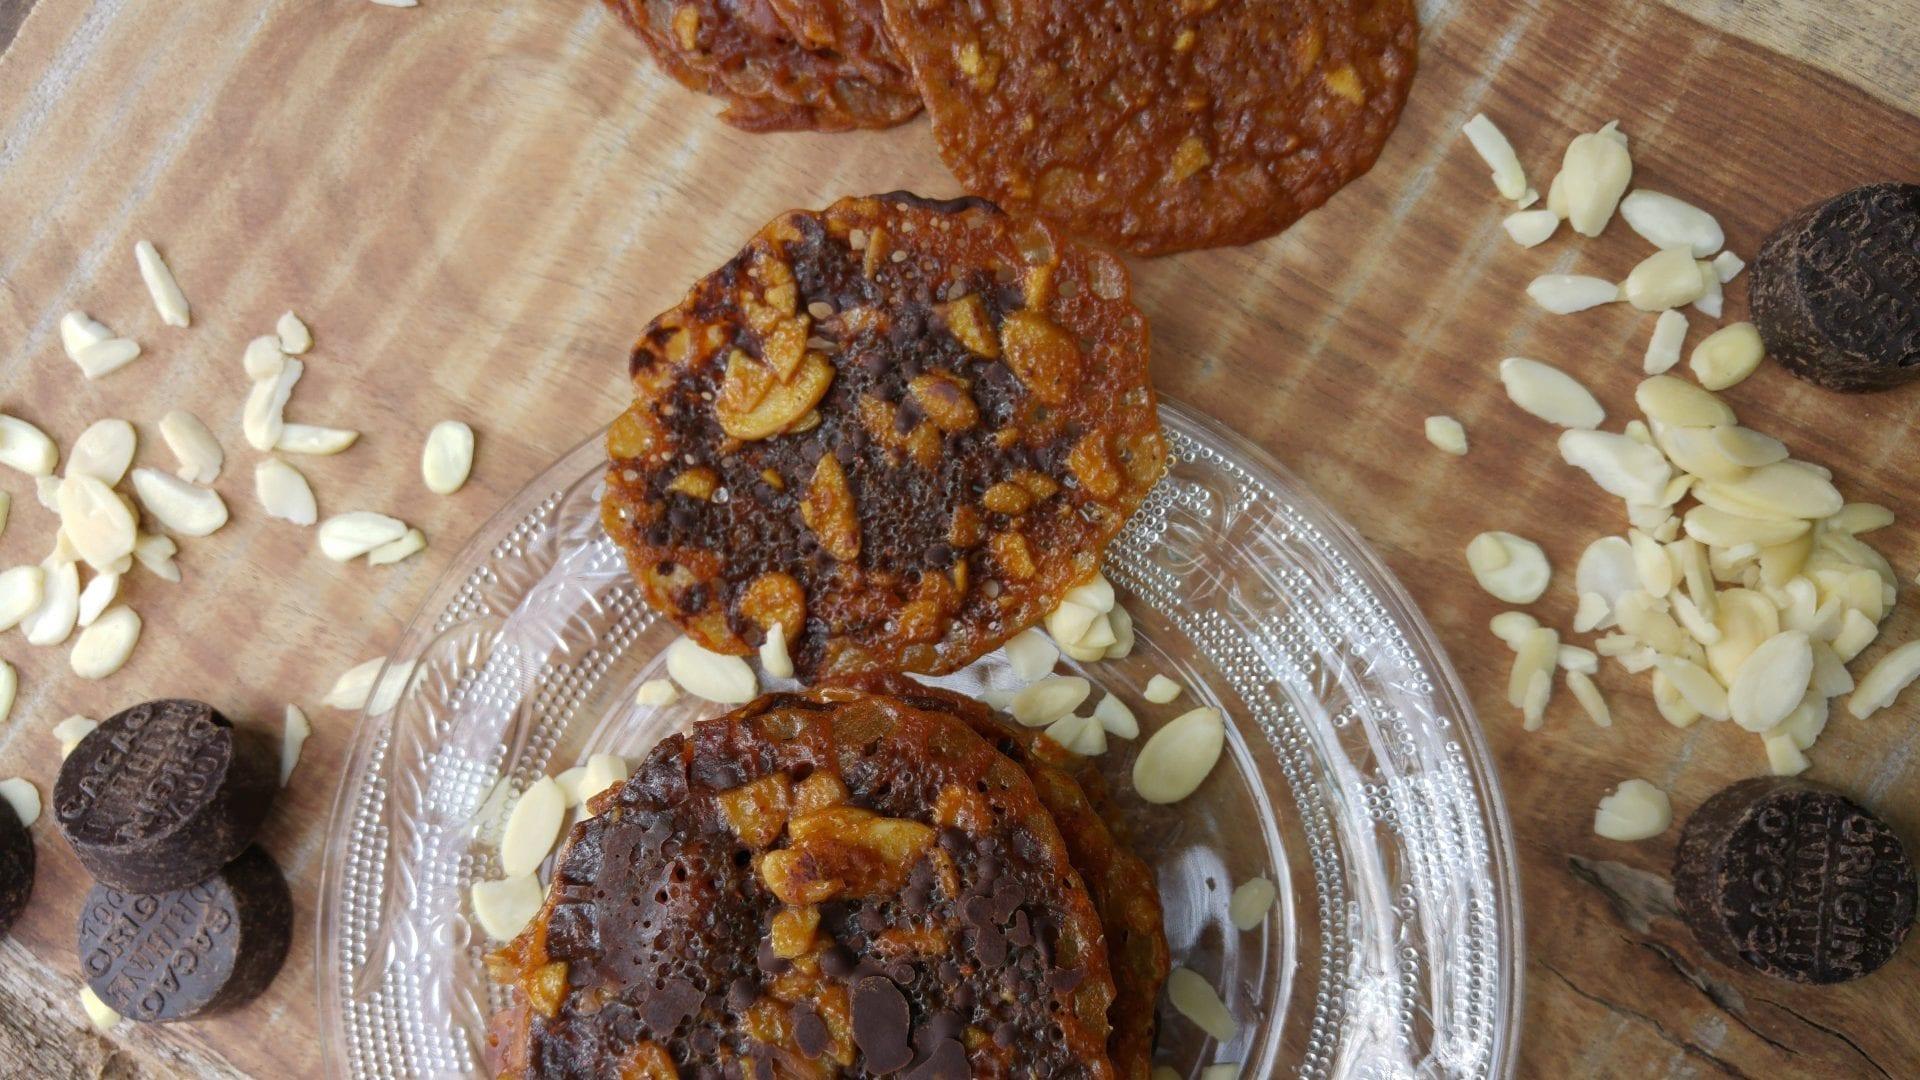 עוגיות פלורנטין טבעוניות ומושלמות שתכינו בעשר דקות